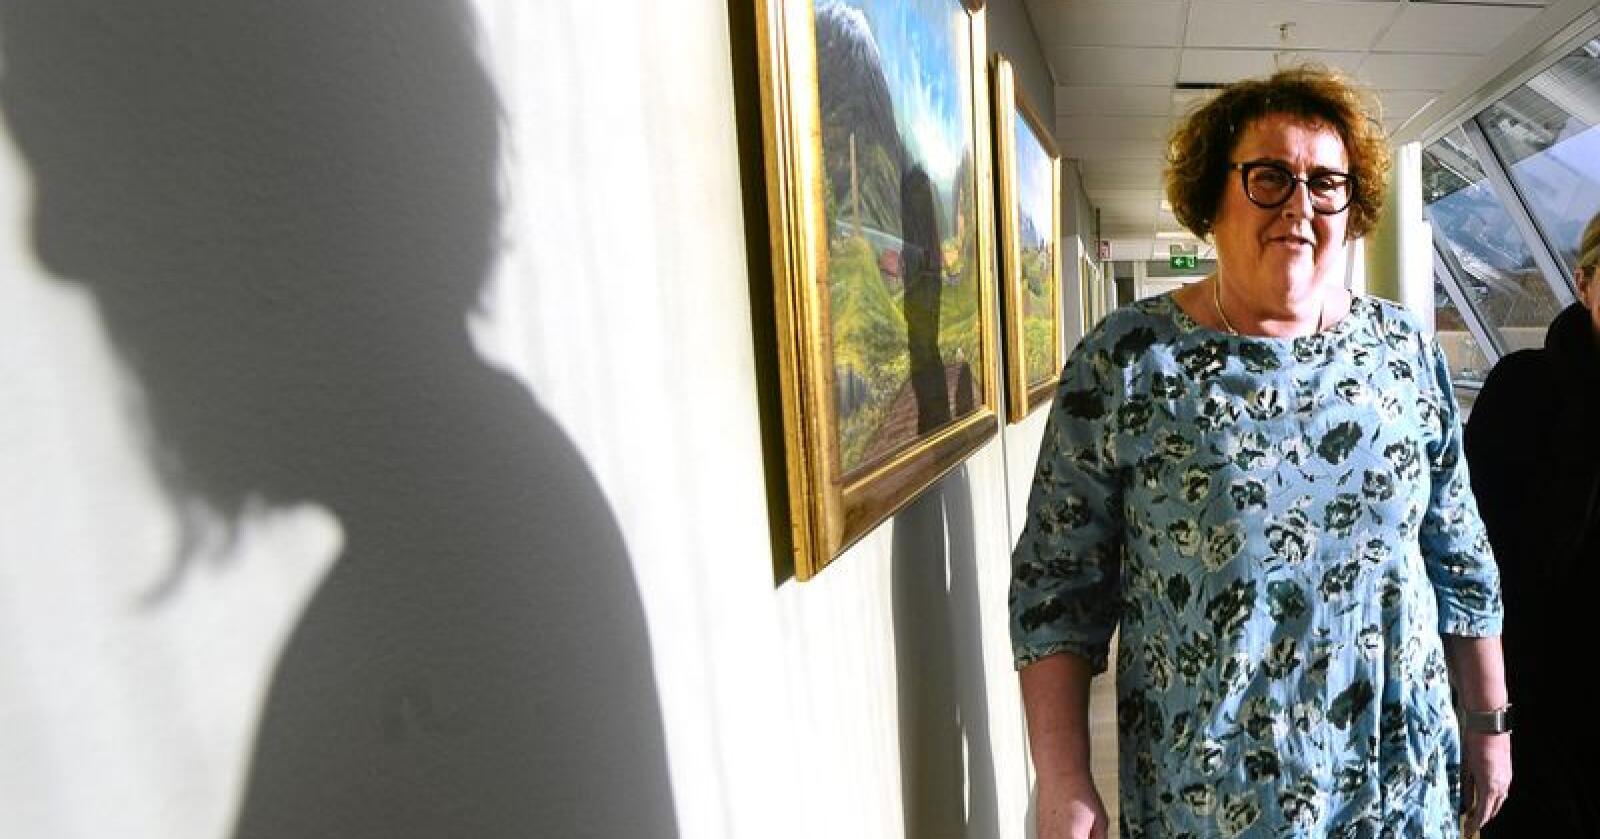 Olaug Bollestad beklager til bonden som har opplevd at Mattilsynet har gjort store feil. Foto: Siri Juell Rasmussen